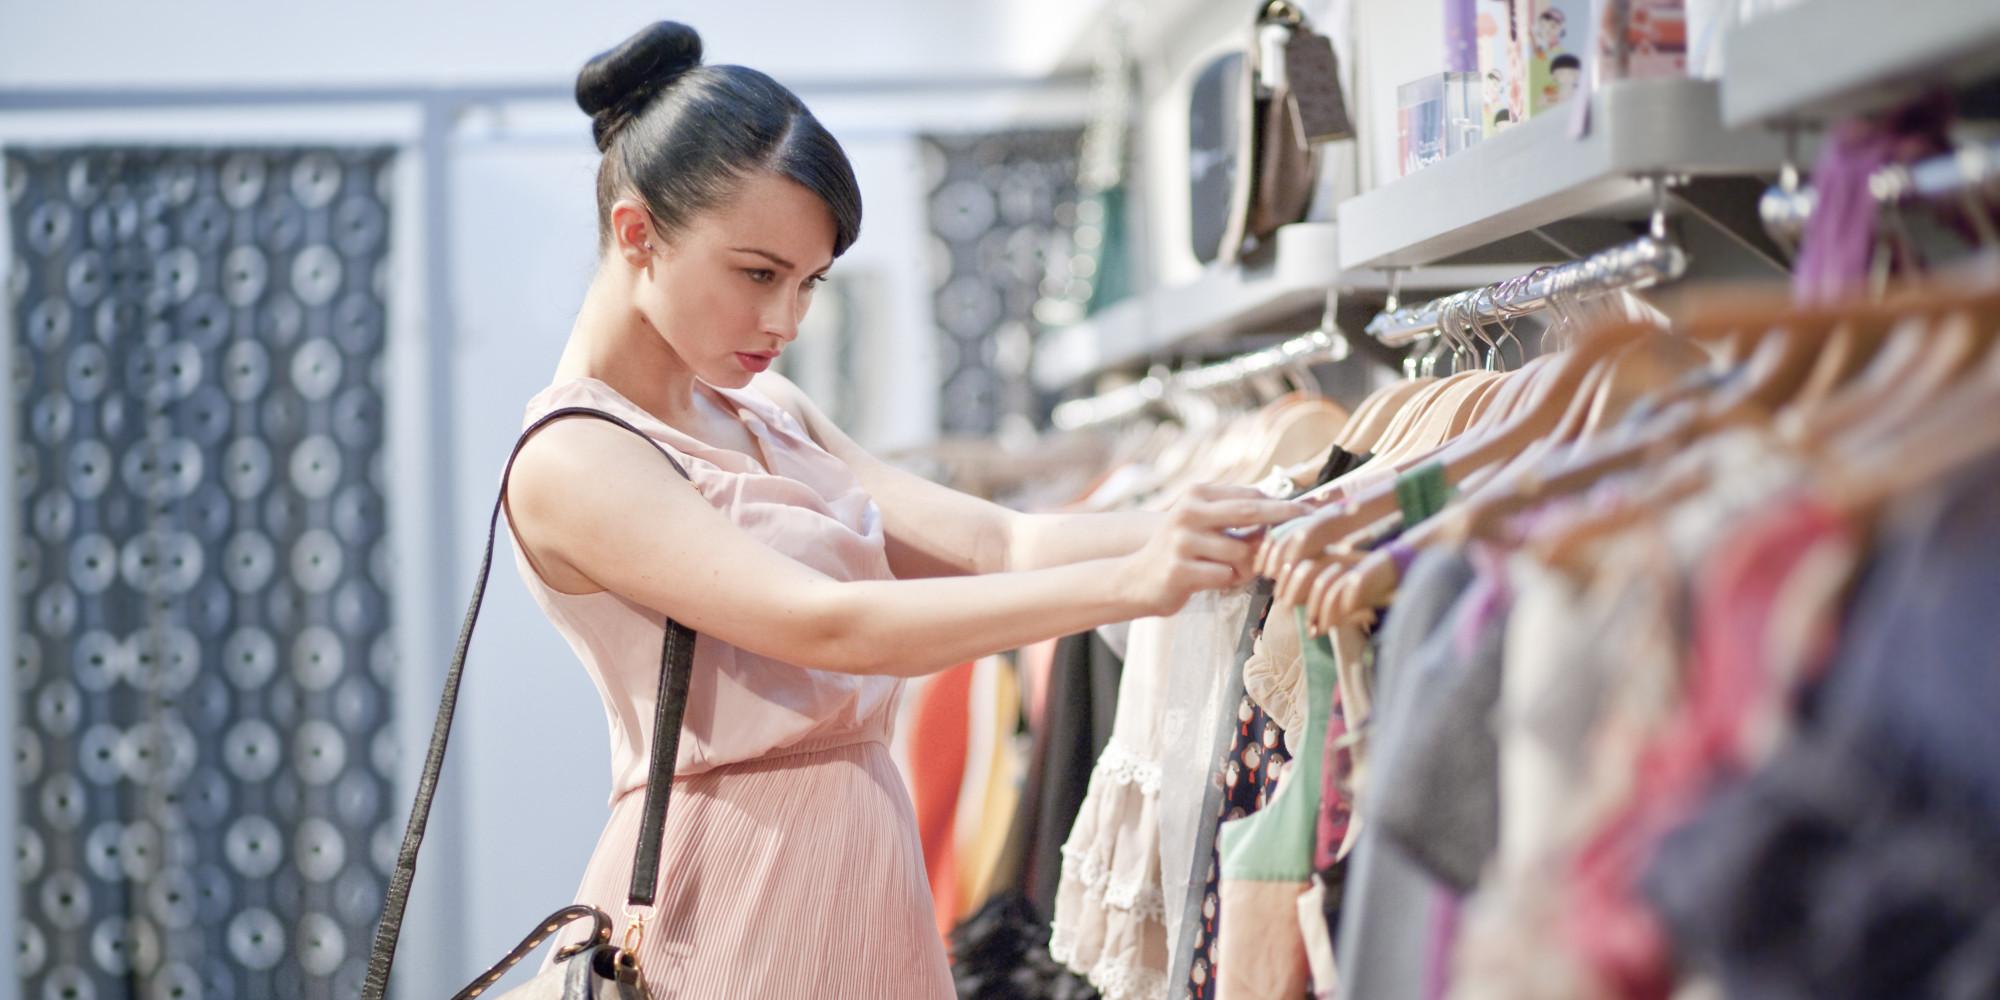 одежда для беременных магазины город липецк